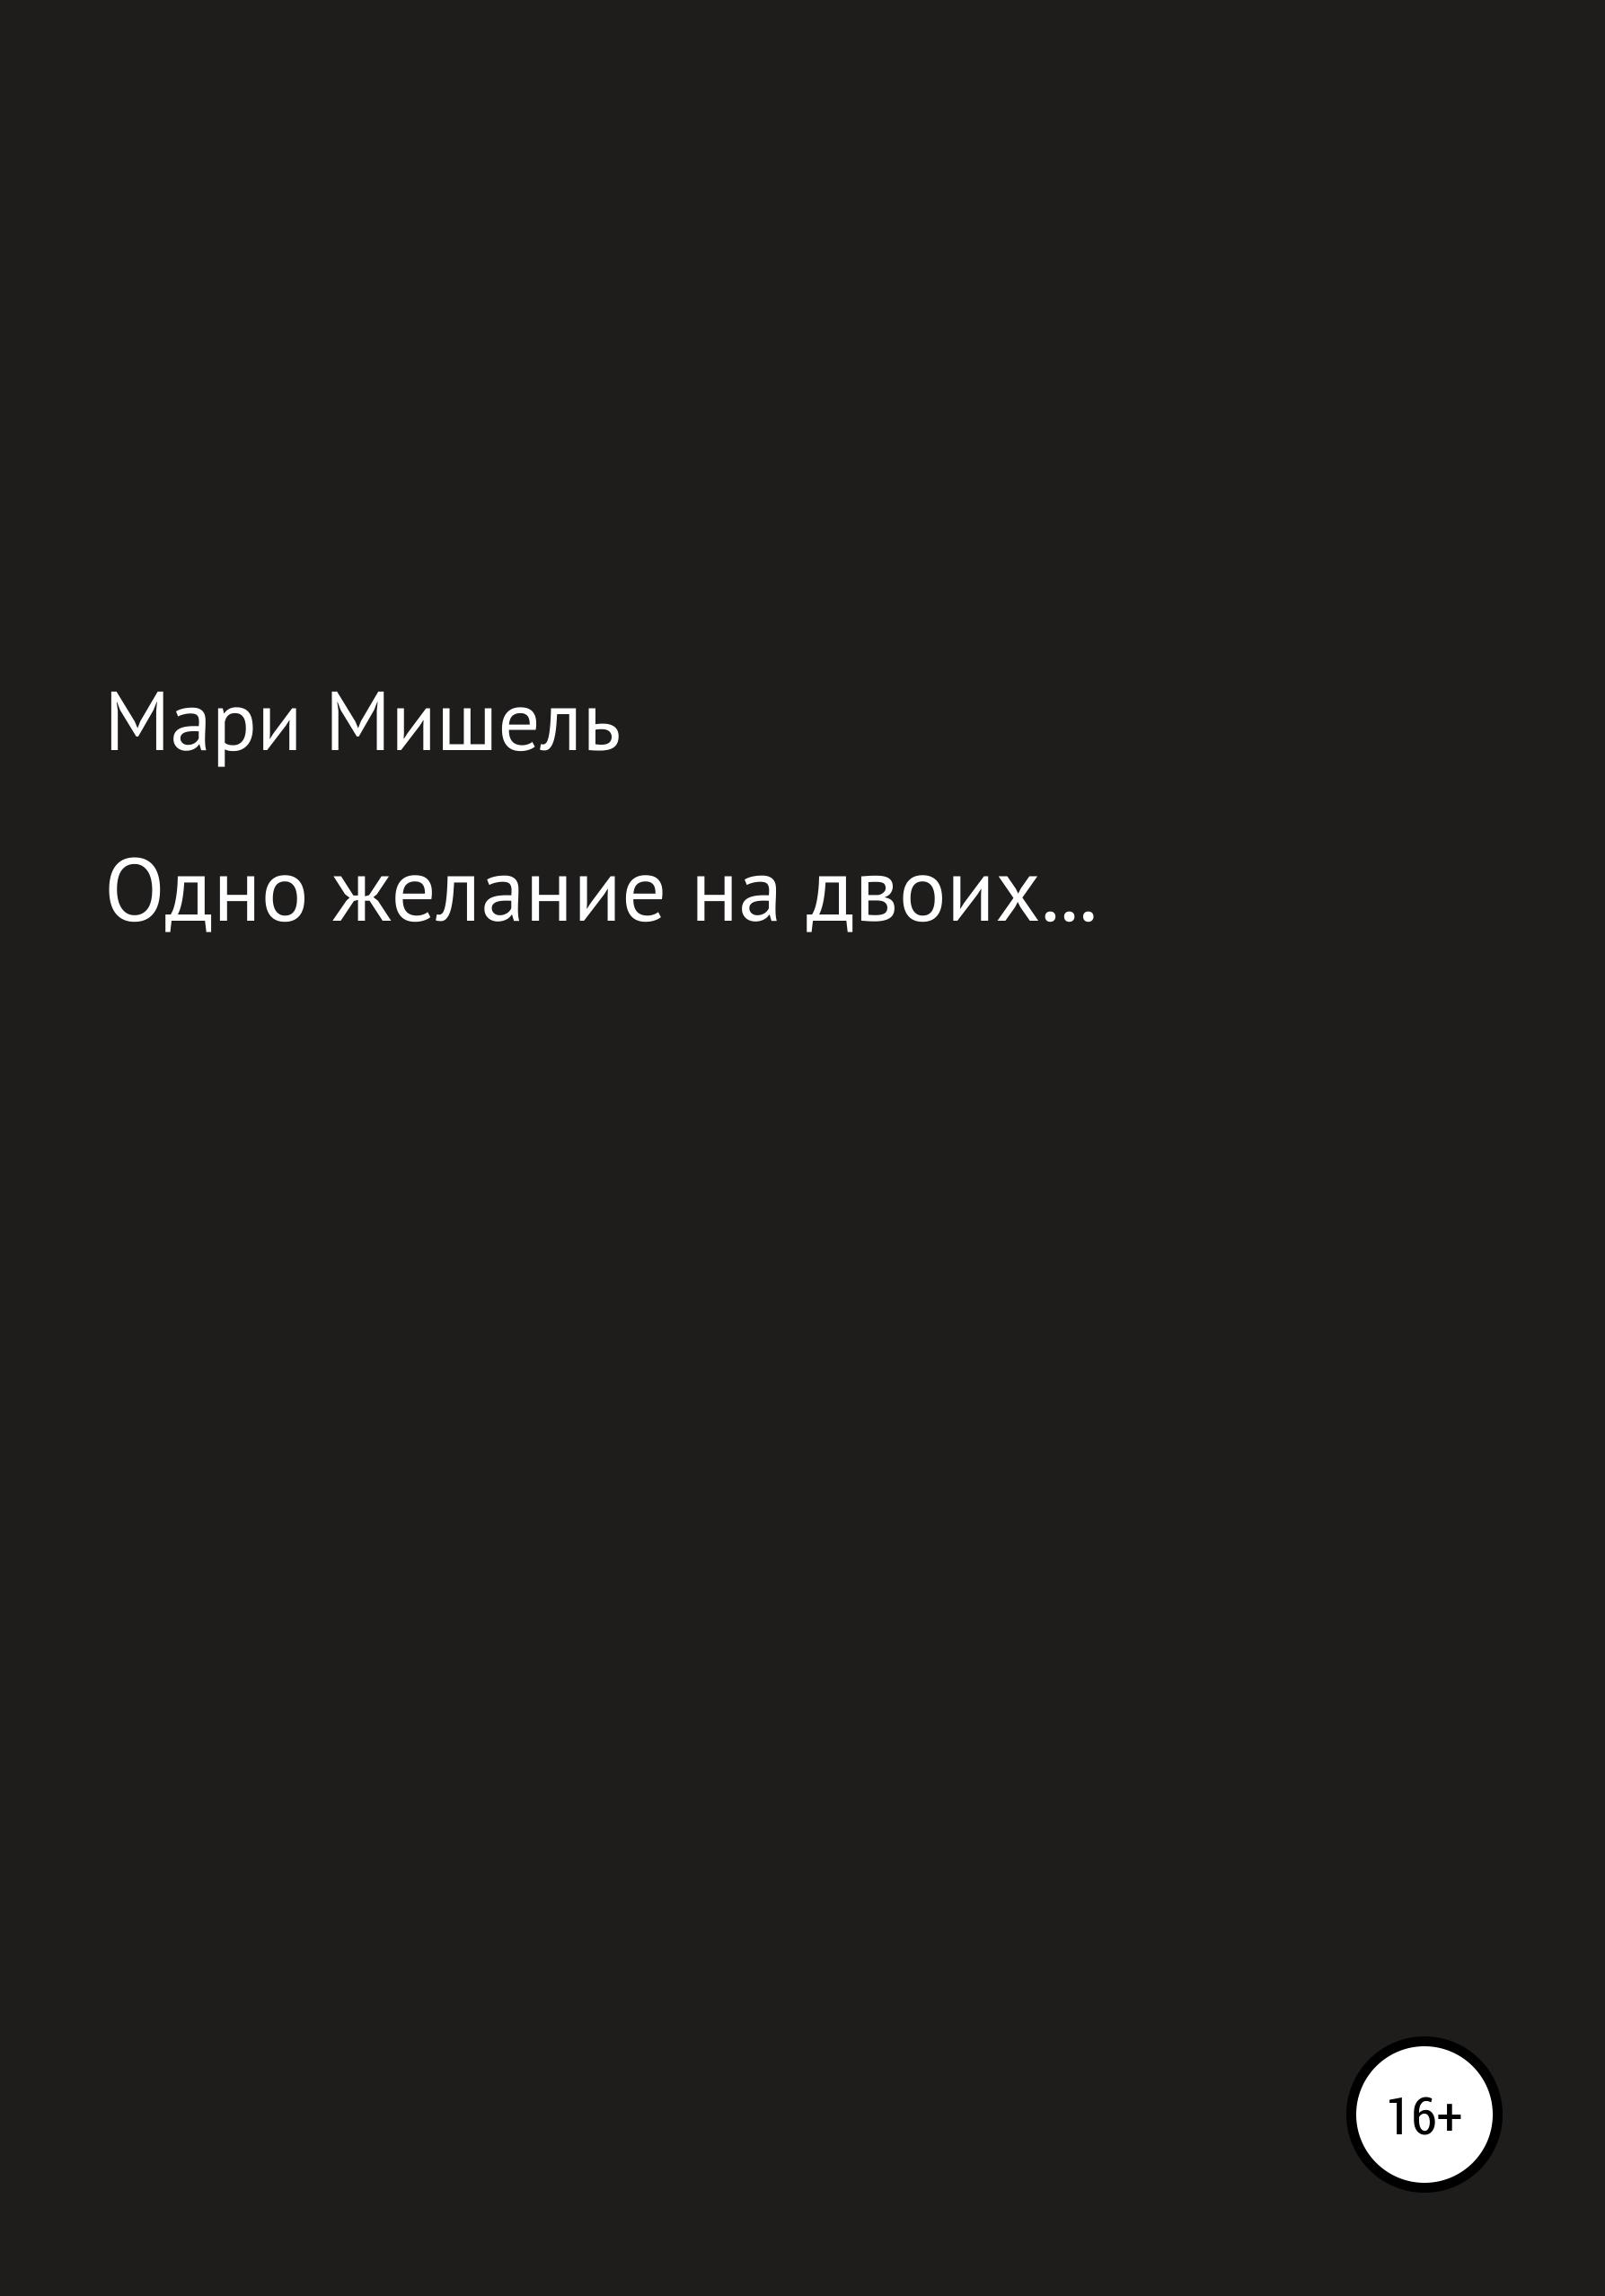 Мари Мишель - Одно желание на двоих…